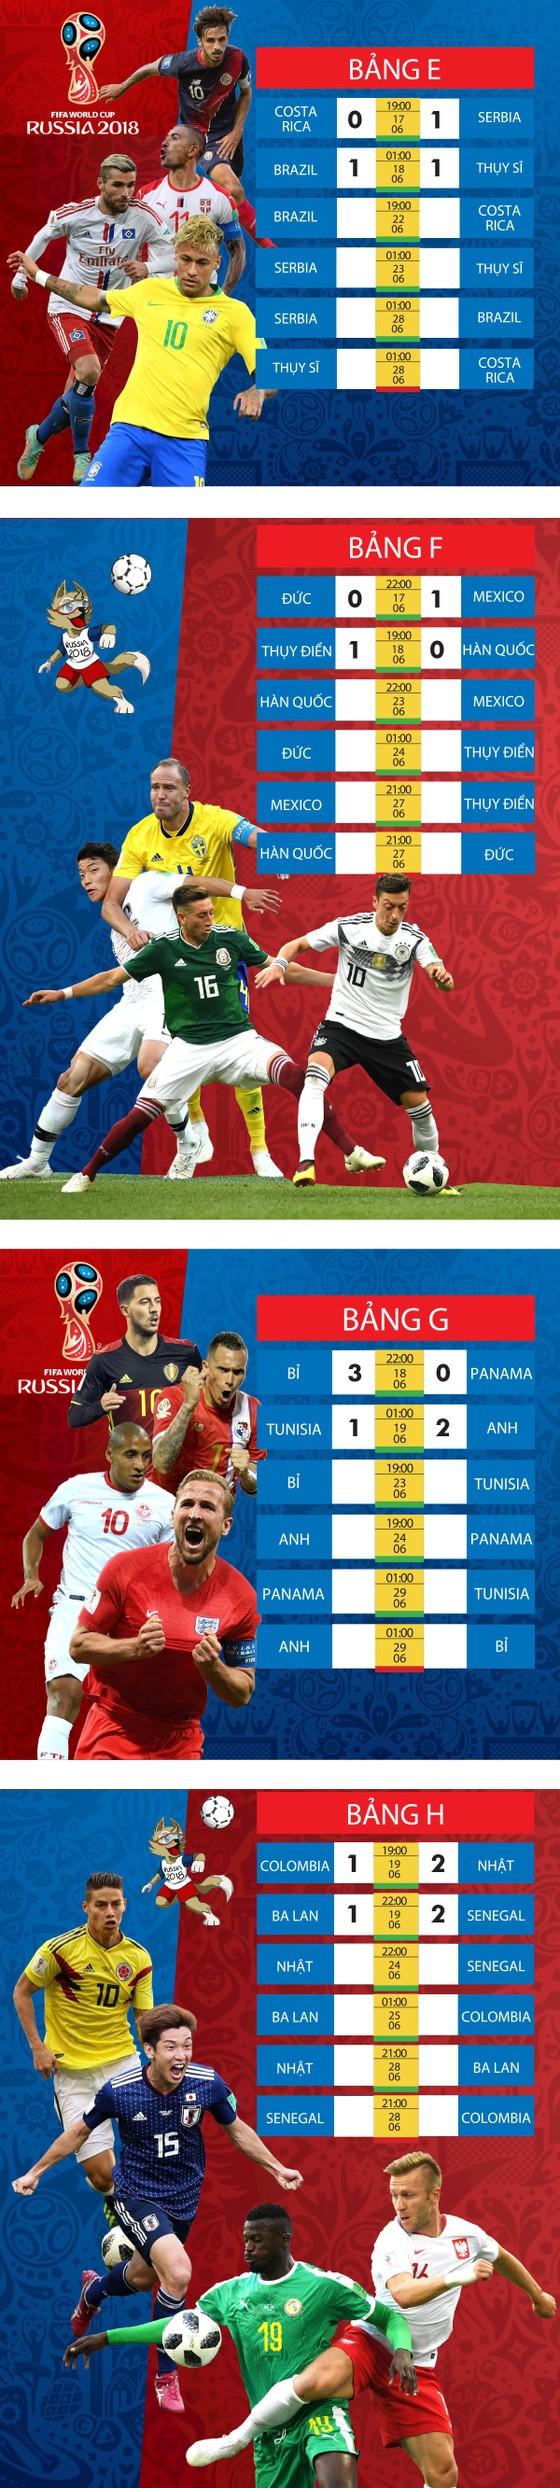 Lịch thi đấu WORLD CUP 2018 (giai đoạn 2) - chia theo bảng ảnh 2